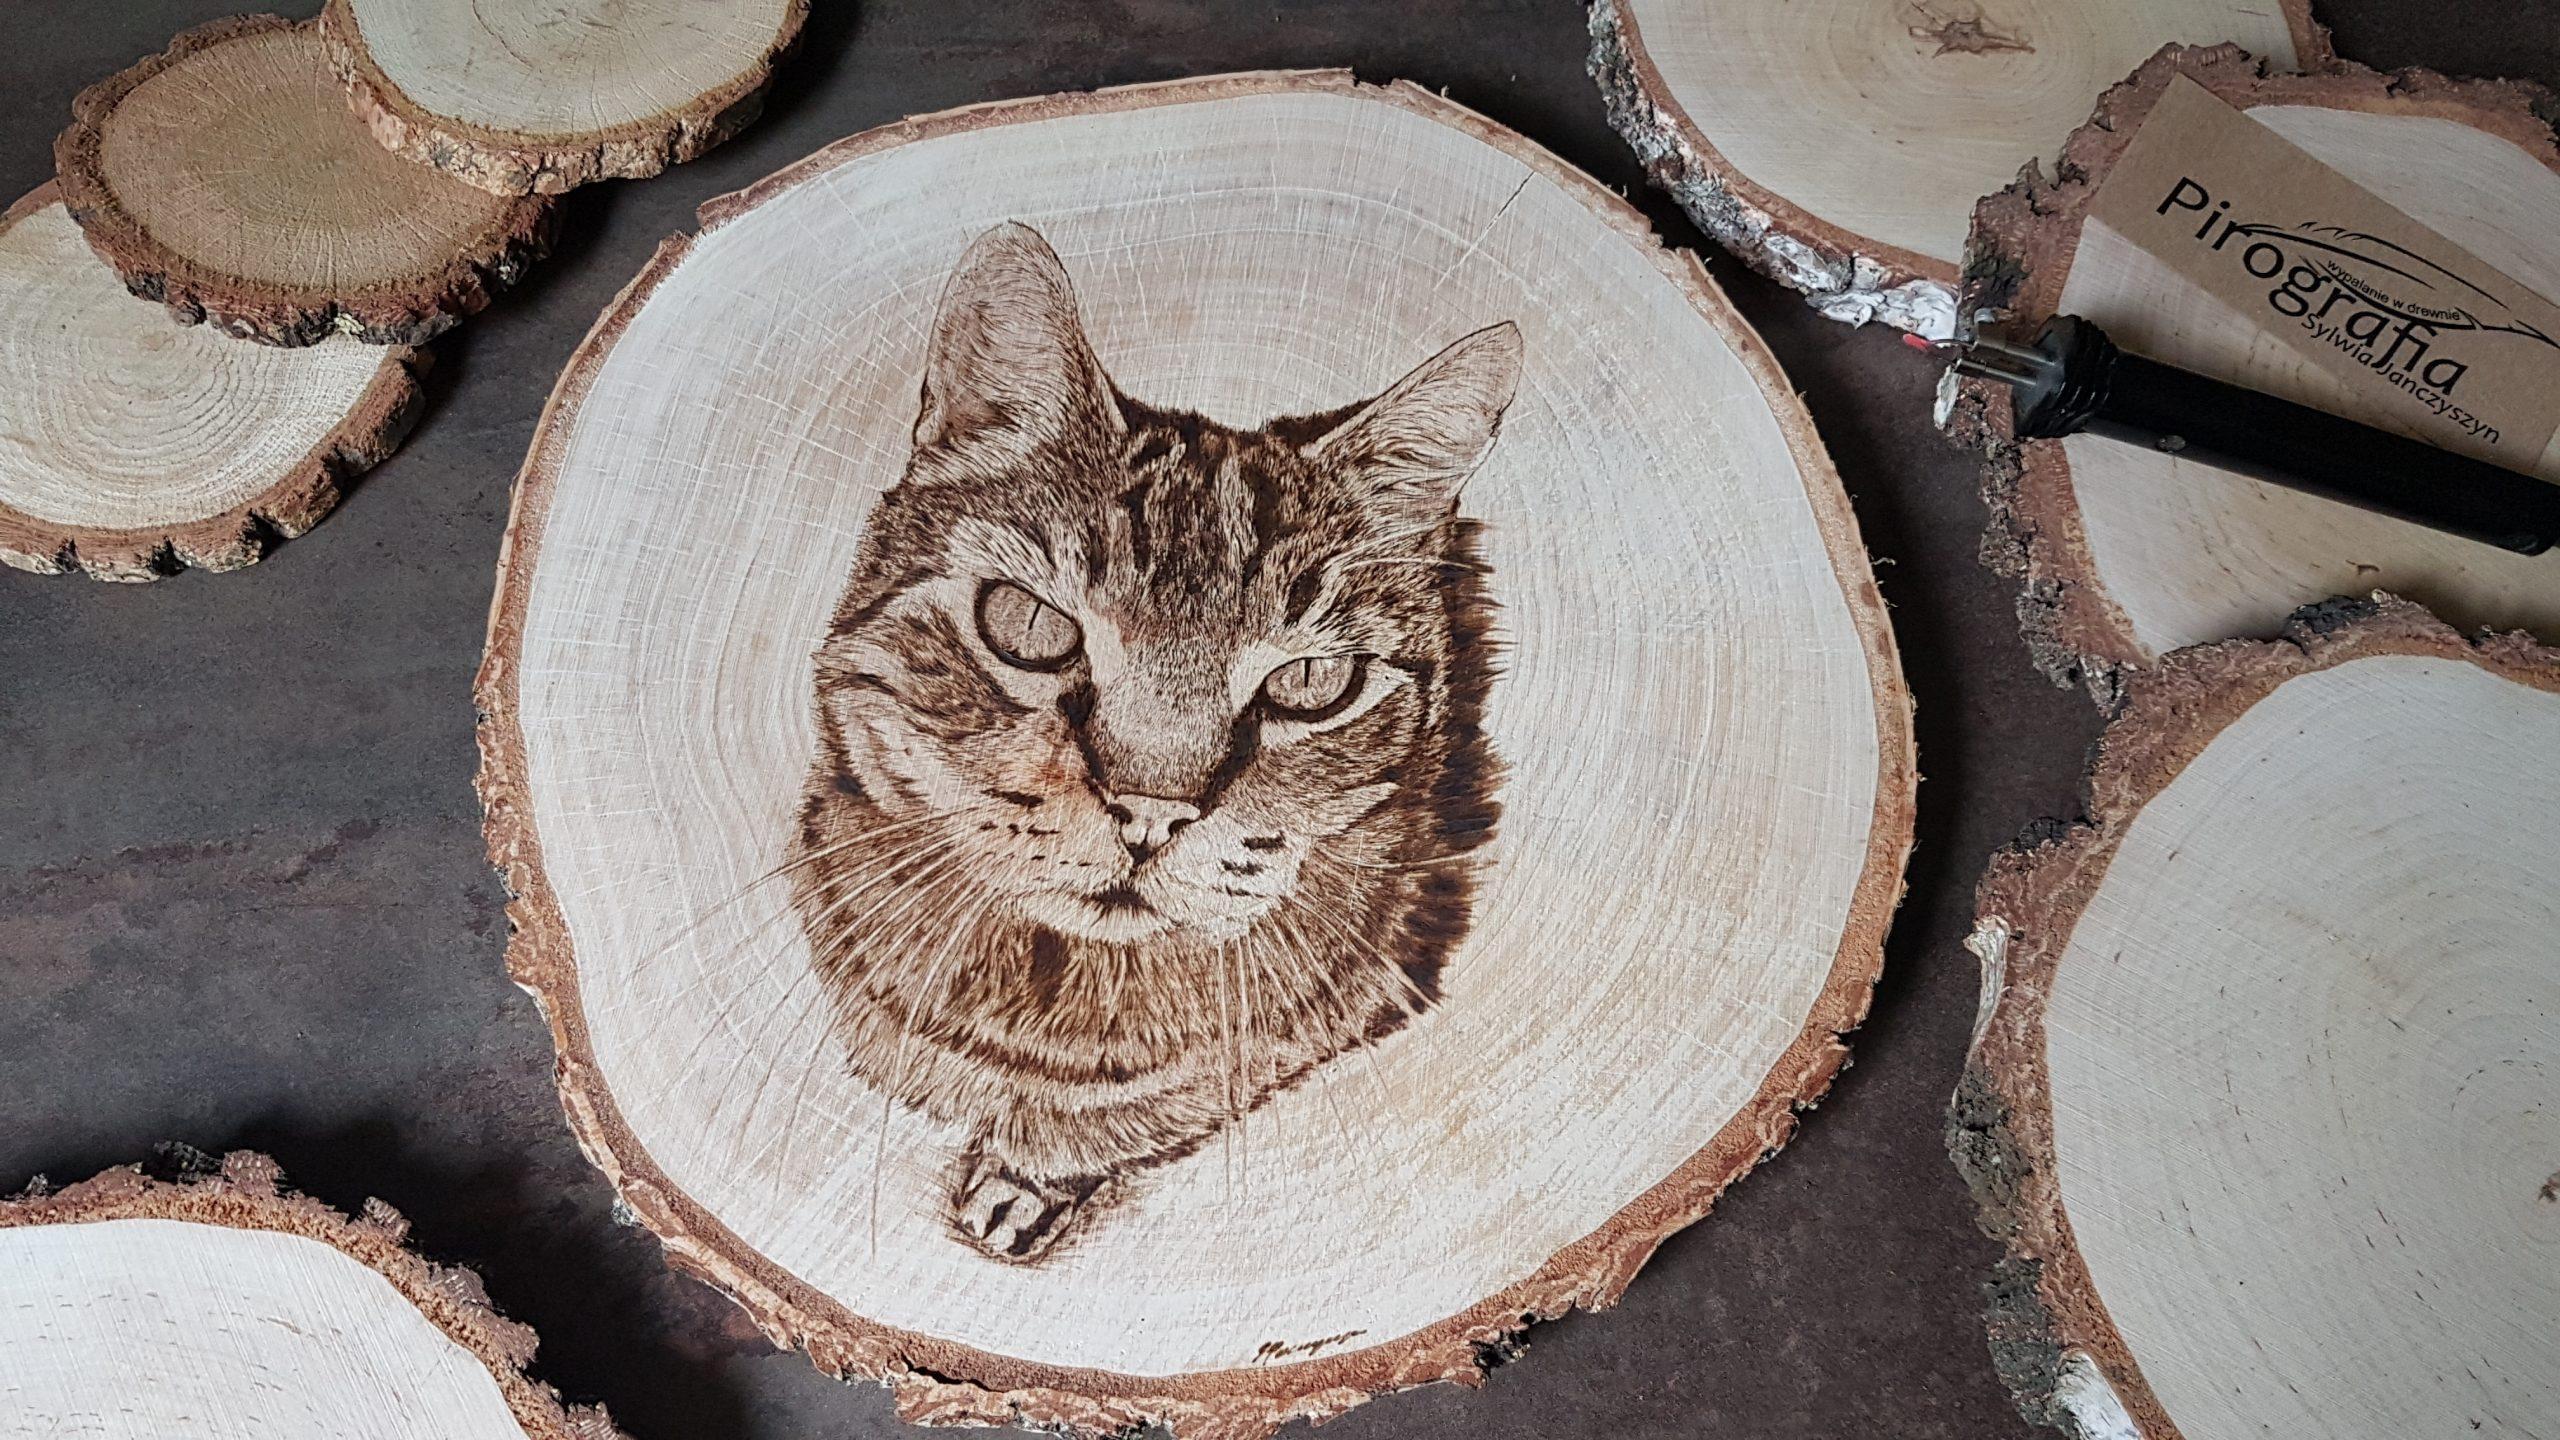 wypalanie w drewnie, sylwia, pirografia, janczyszyn, pyrography, handmade, rękodzieło, pomysł na prezent, kot